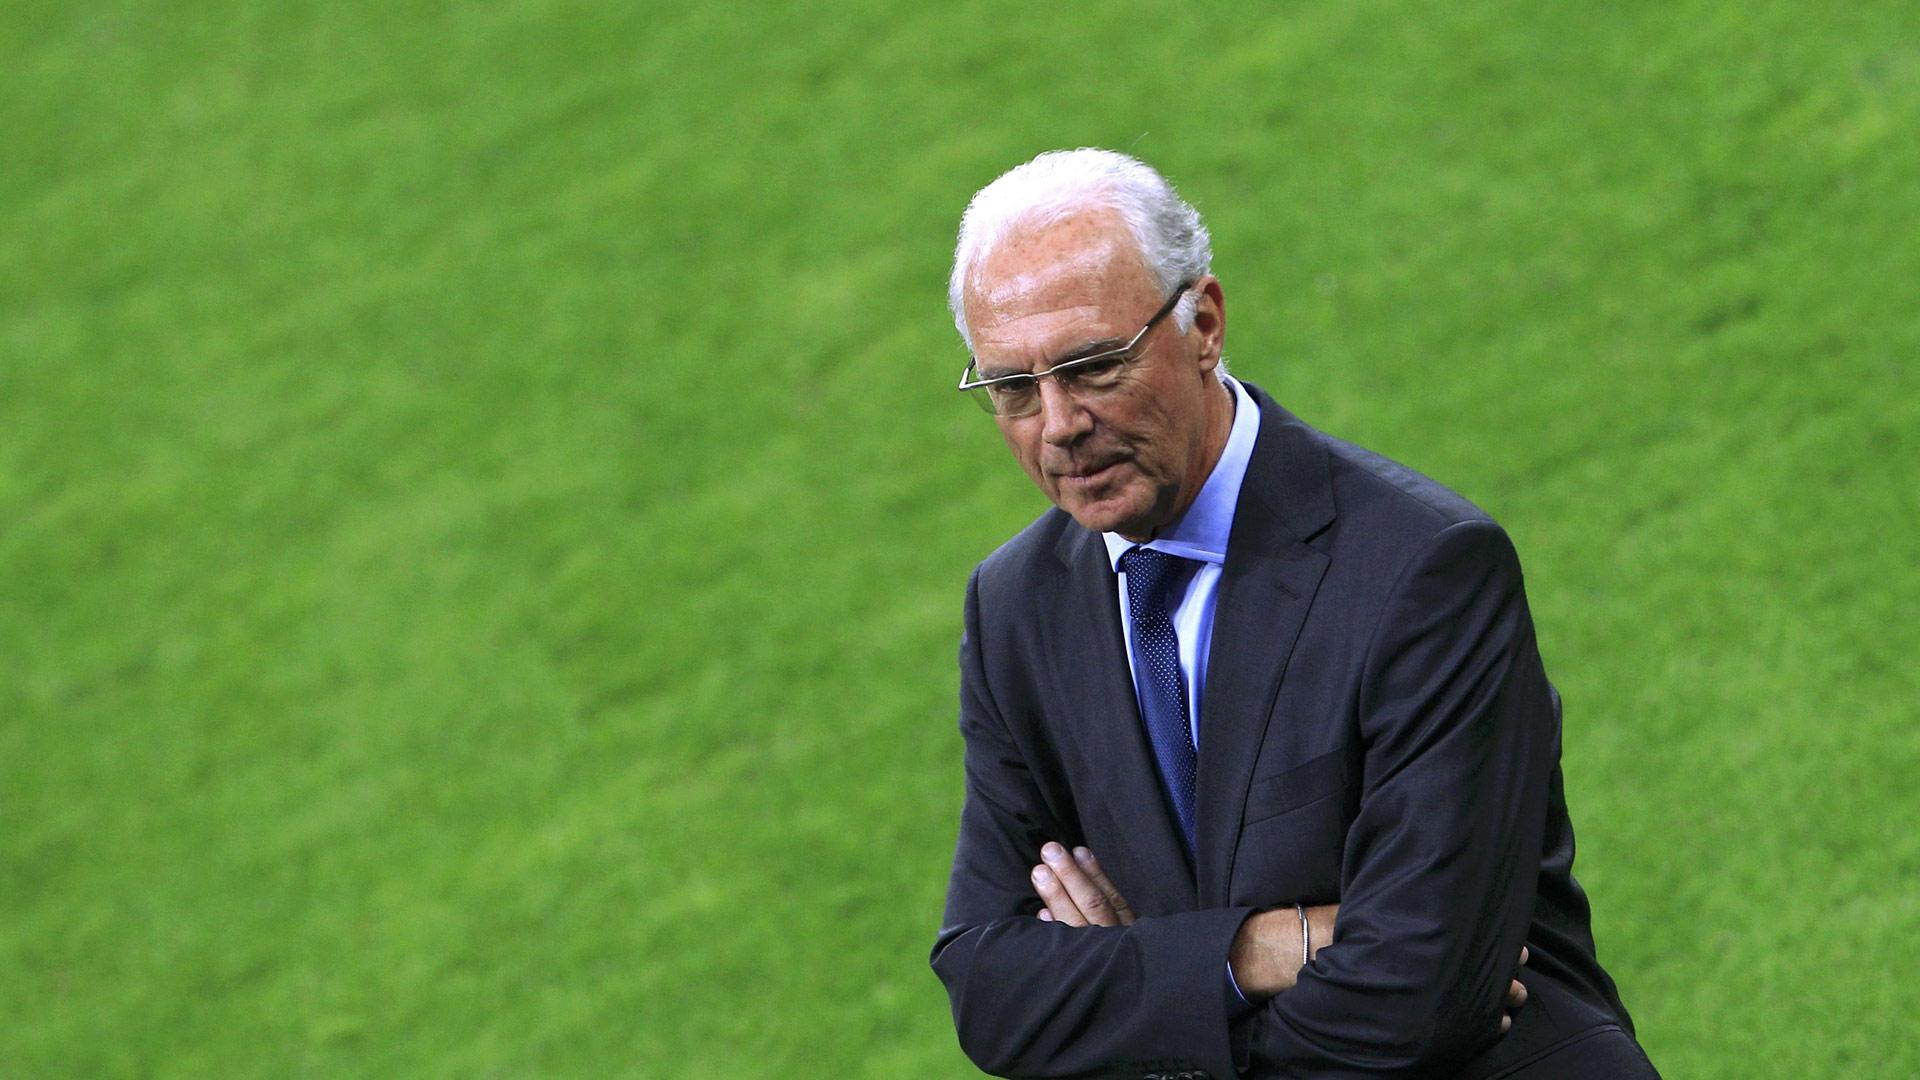 El presidente de honor del Bayern Múnich no se enfrentará a una sanción severa pues su no es grave